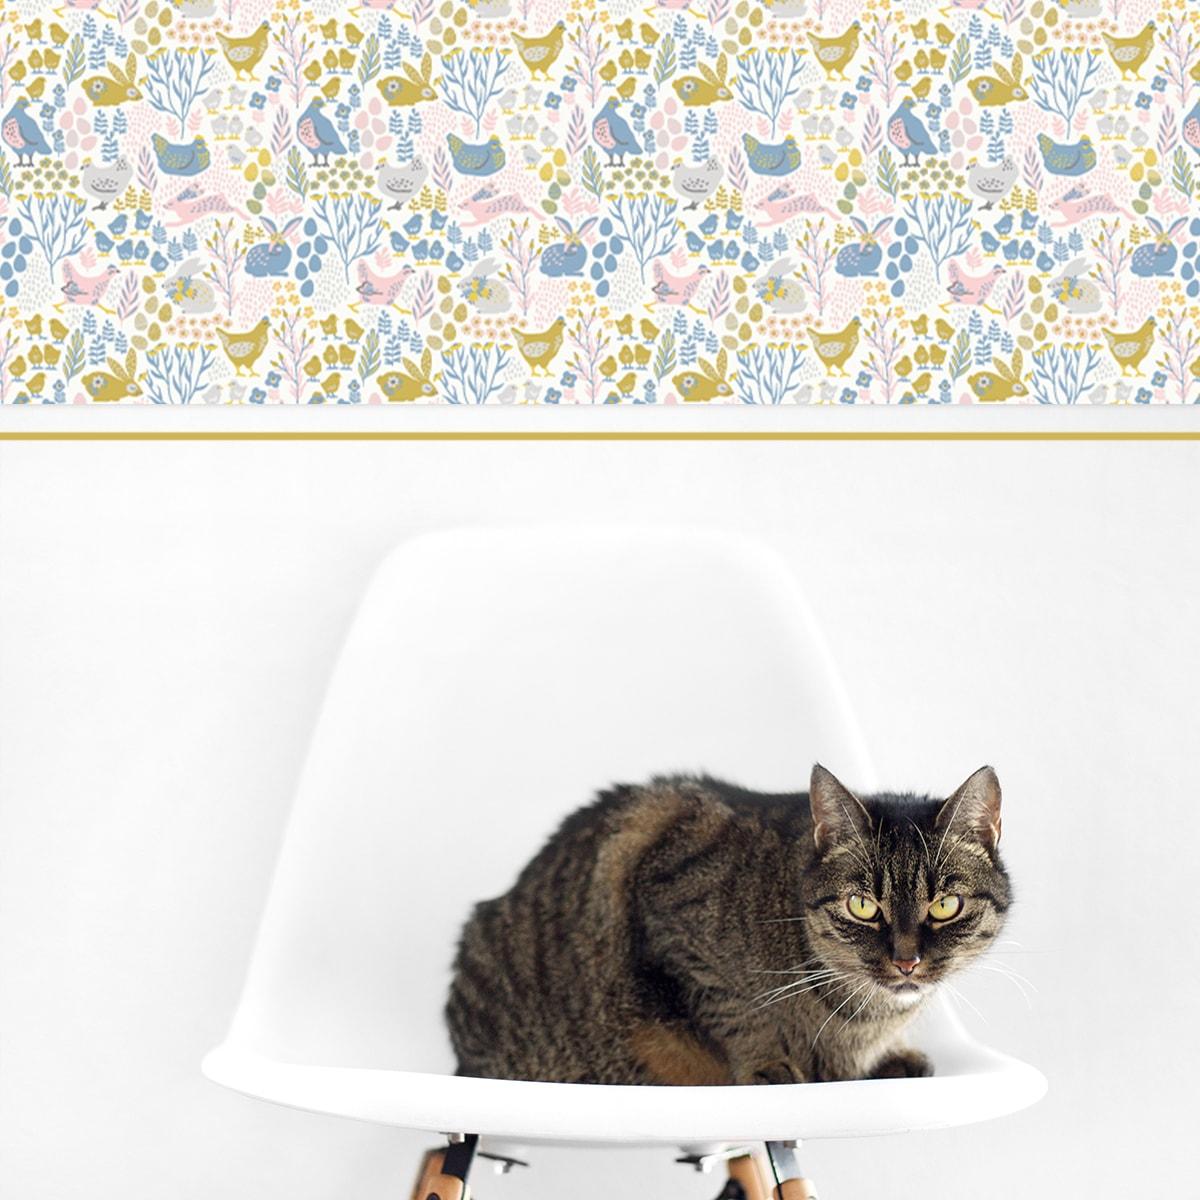 """Küchentapete rosa: Land Design Tapete """"Hoppelgarten"""" mit fröhlichen Hühnern, Hasen, Blumen Wandgestaltung Küche Bad Kinderzimmer"""